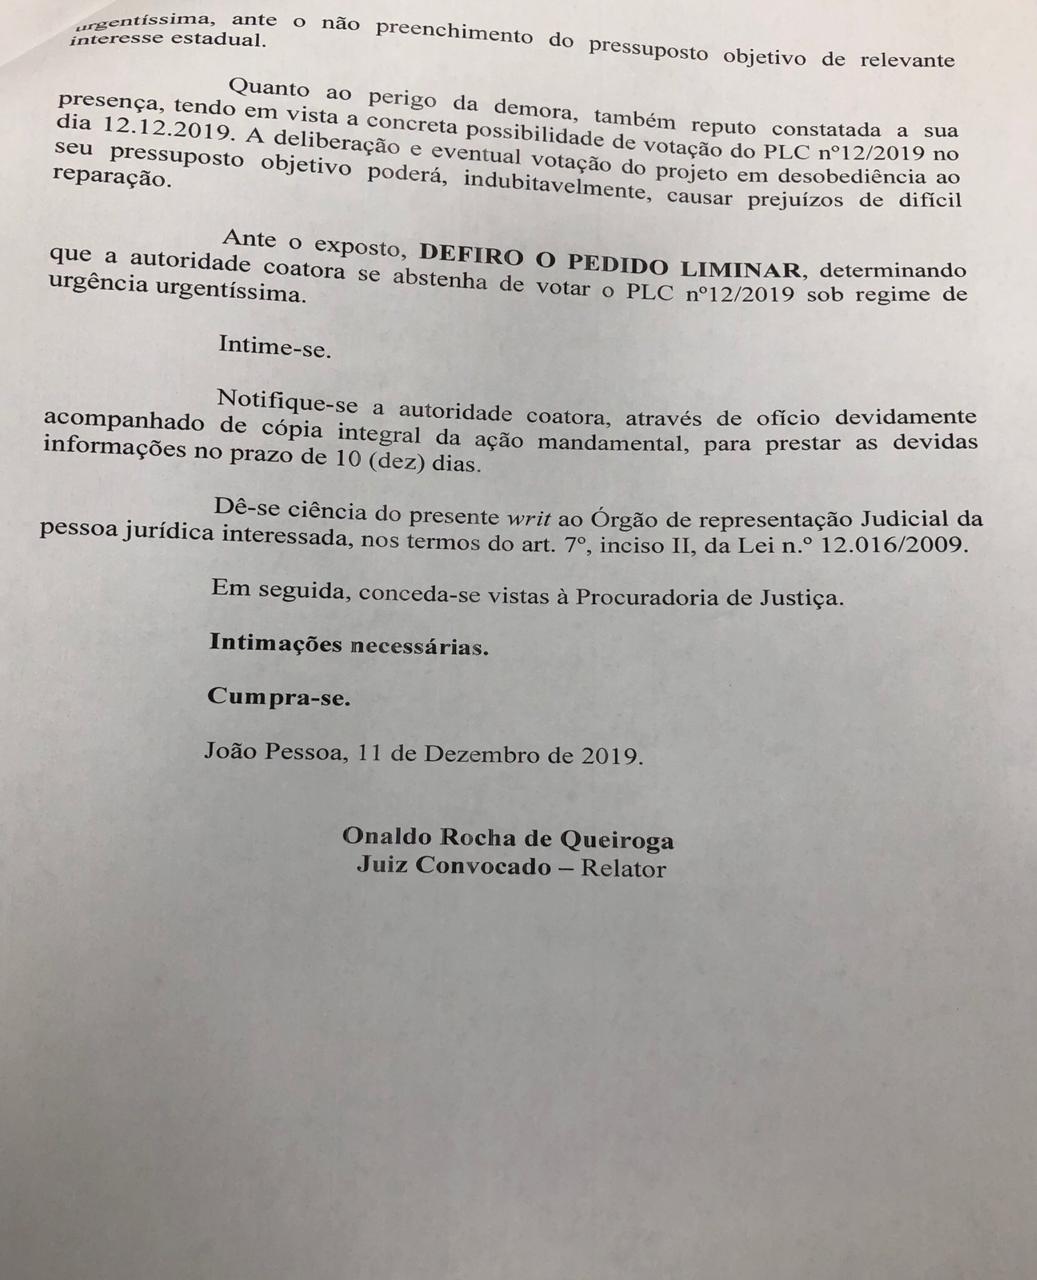 WhatsApp Image 2019 12 11 at 19.36.49 - Justiça aponta 'interesses sociais' e suspende urgência na votação da reforma da Previdência na ALPB; LEIA DECISÃO